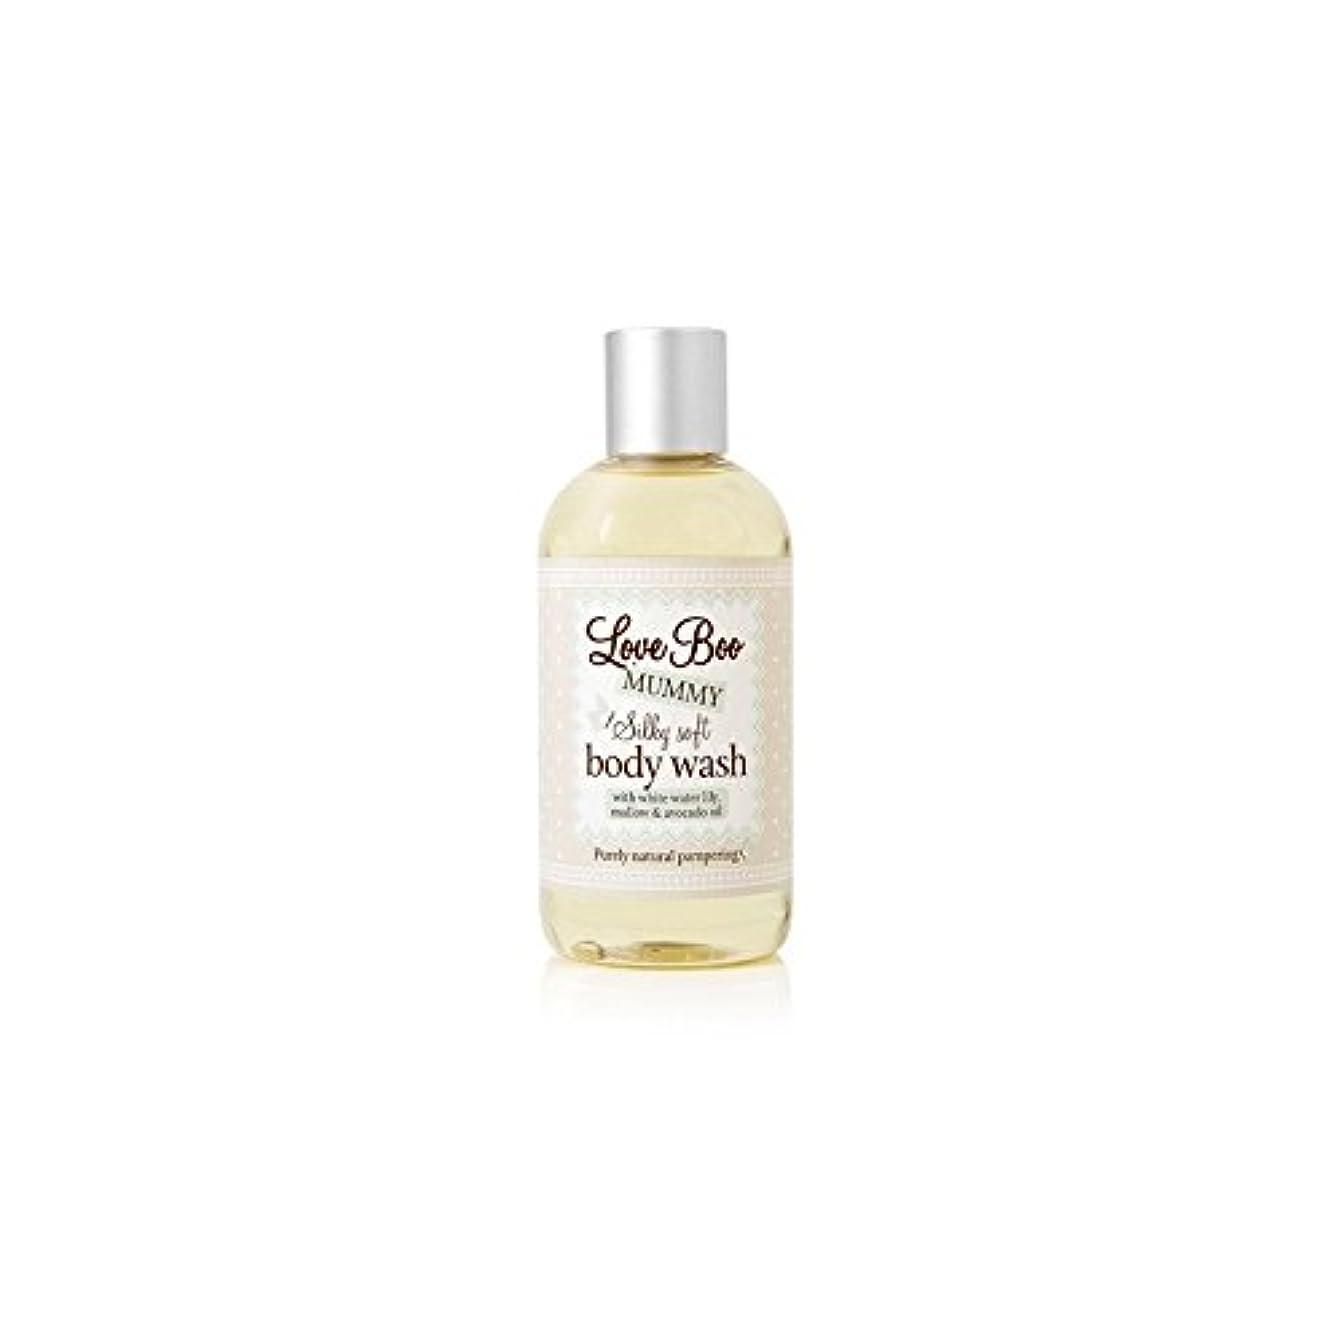 好み子供っぽい日没Love Boo Silky Soft Body Wash (250ml) - 絹のようなソフトボディウォッシュ(250ミリリットル)愛 [並行輸入品]